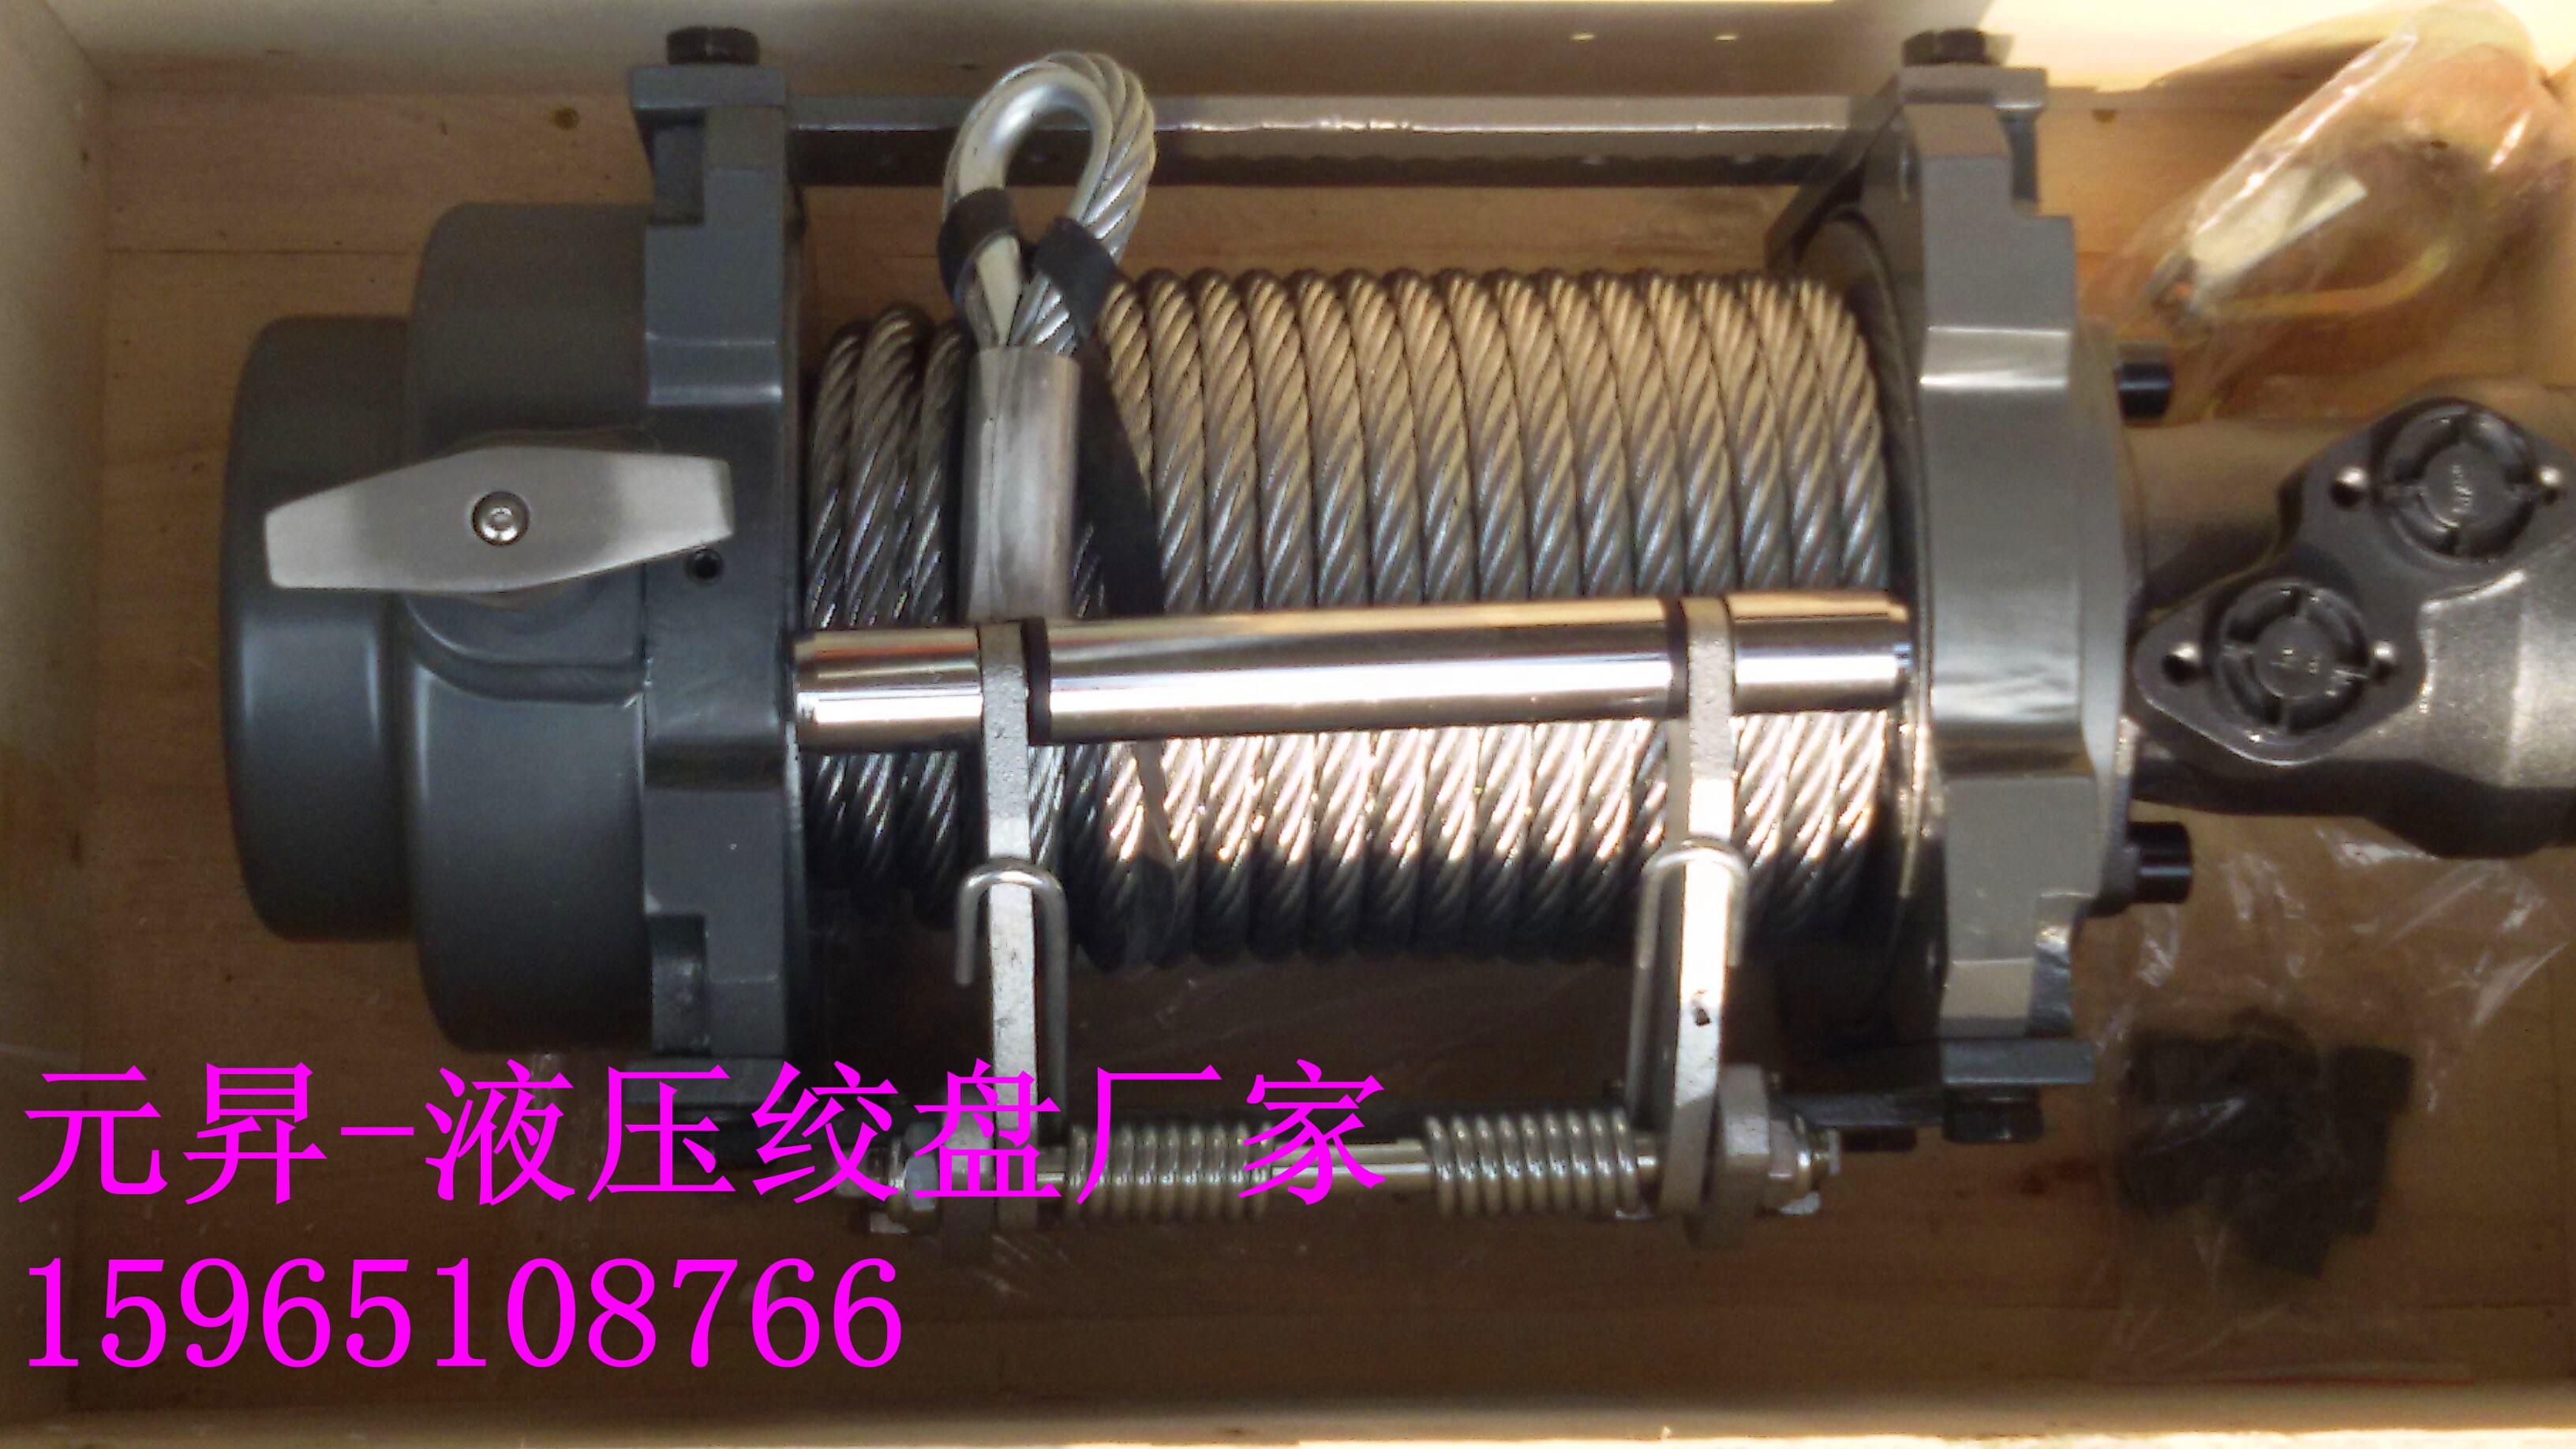 供应液压绞盘机/清障车液压绞盘 /液压绞盘卷扬机/手动绞盘!图片